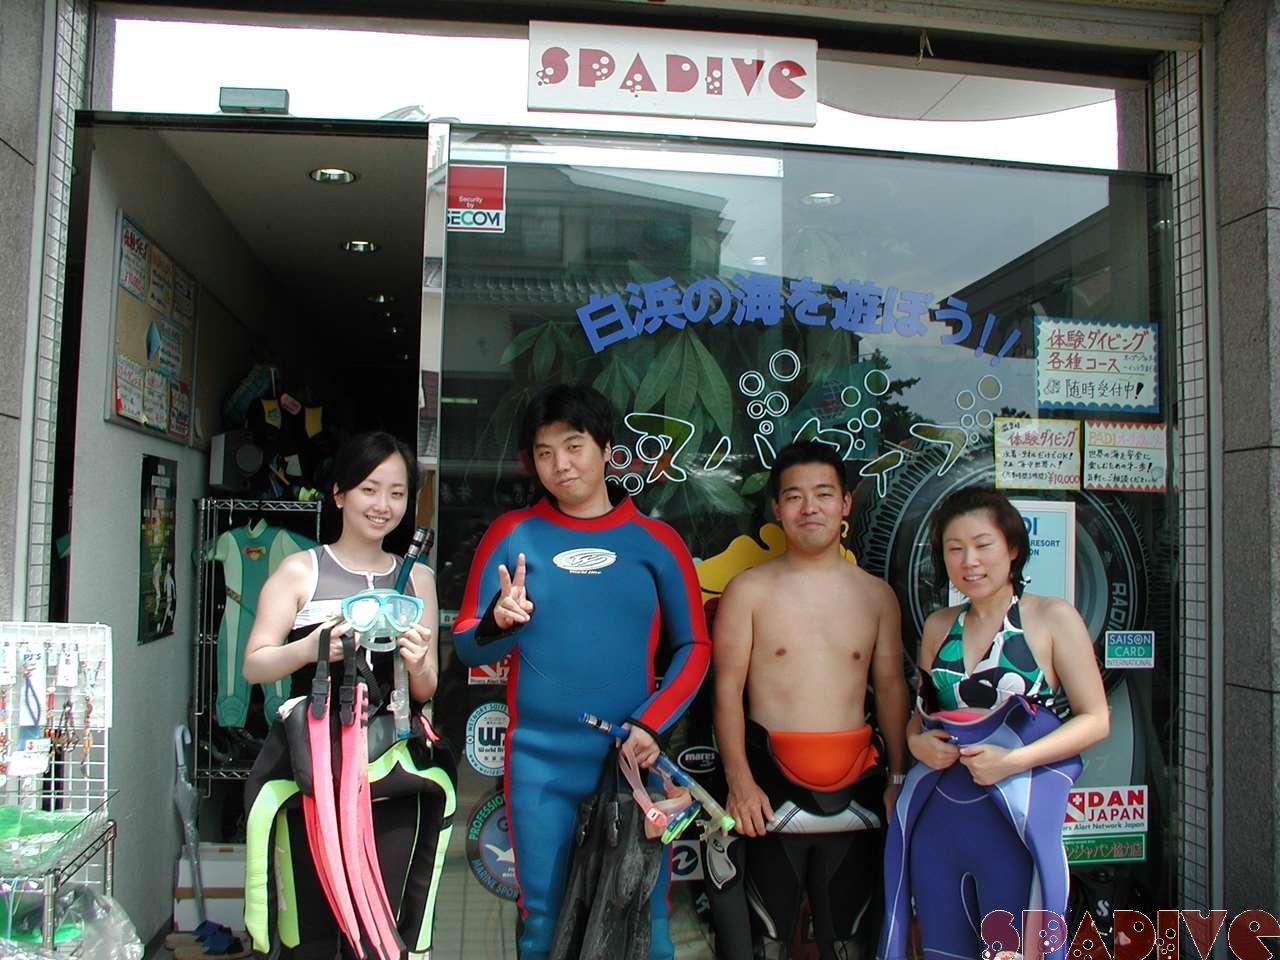 OWDライセンス取得コース|体験ダイビング|9/2/2006白浜